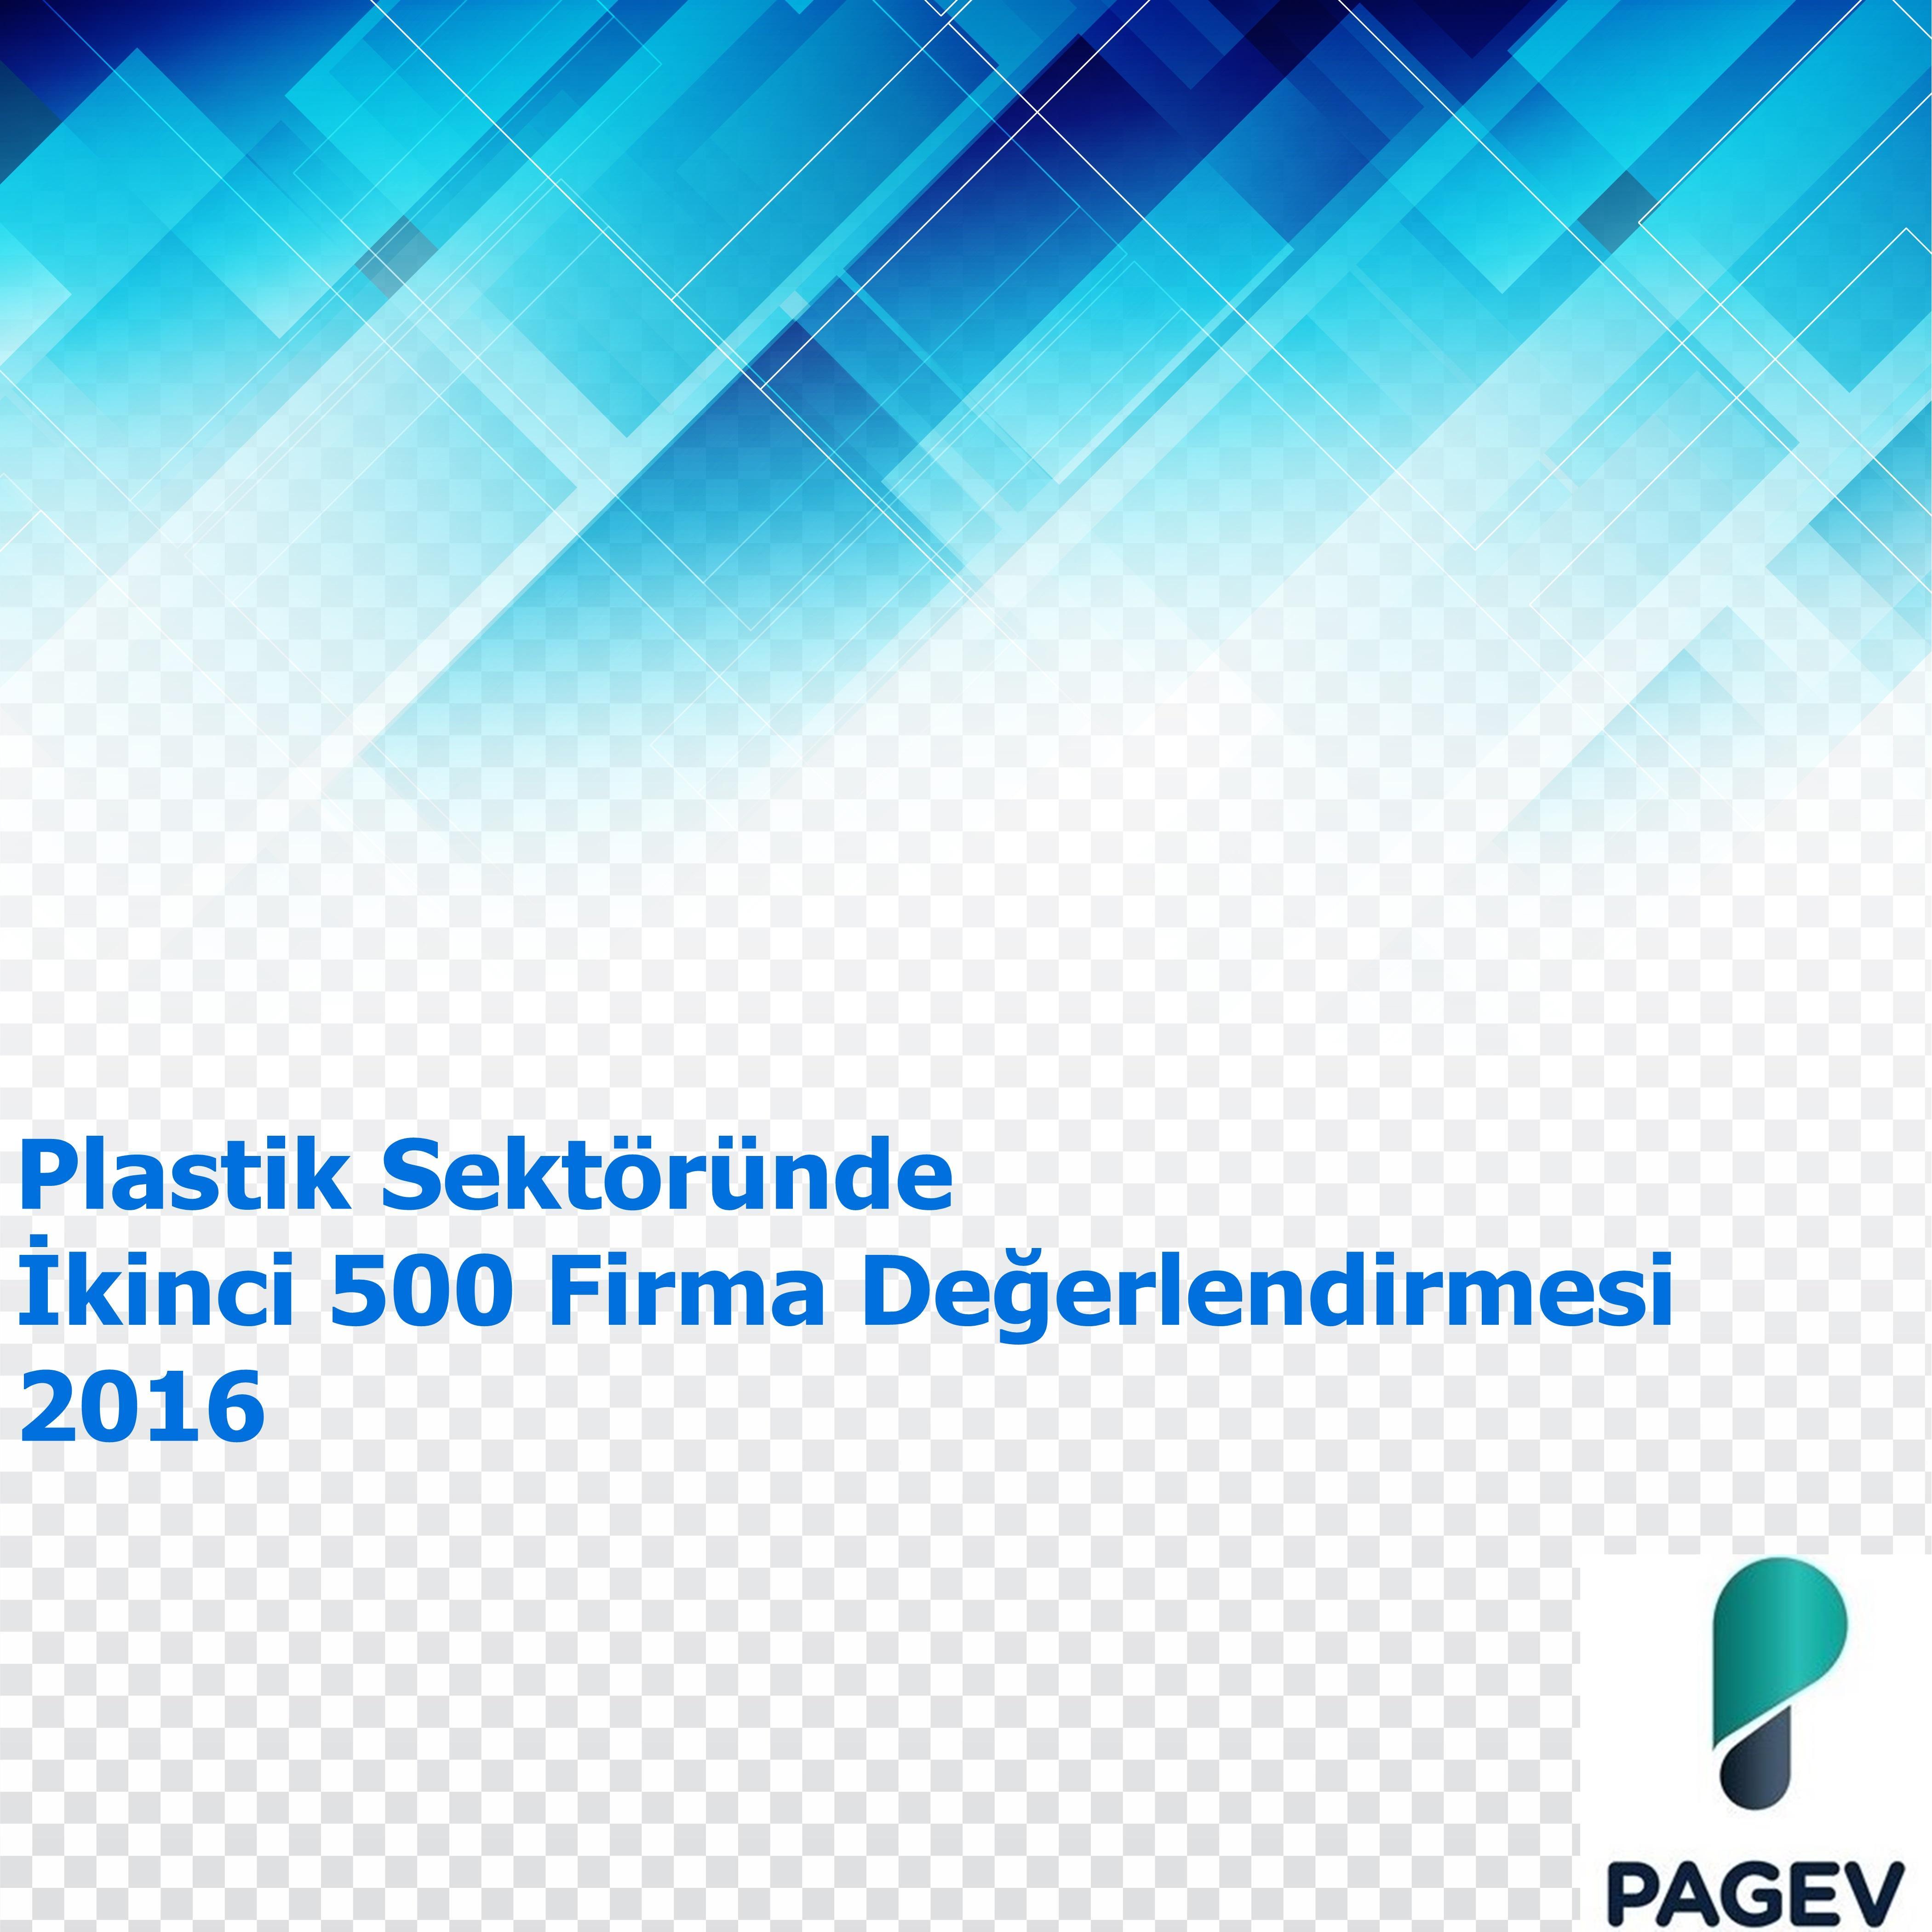 Plastik Sektöründe İkinci 500 Firma Değerlendirmesi - 2016